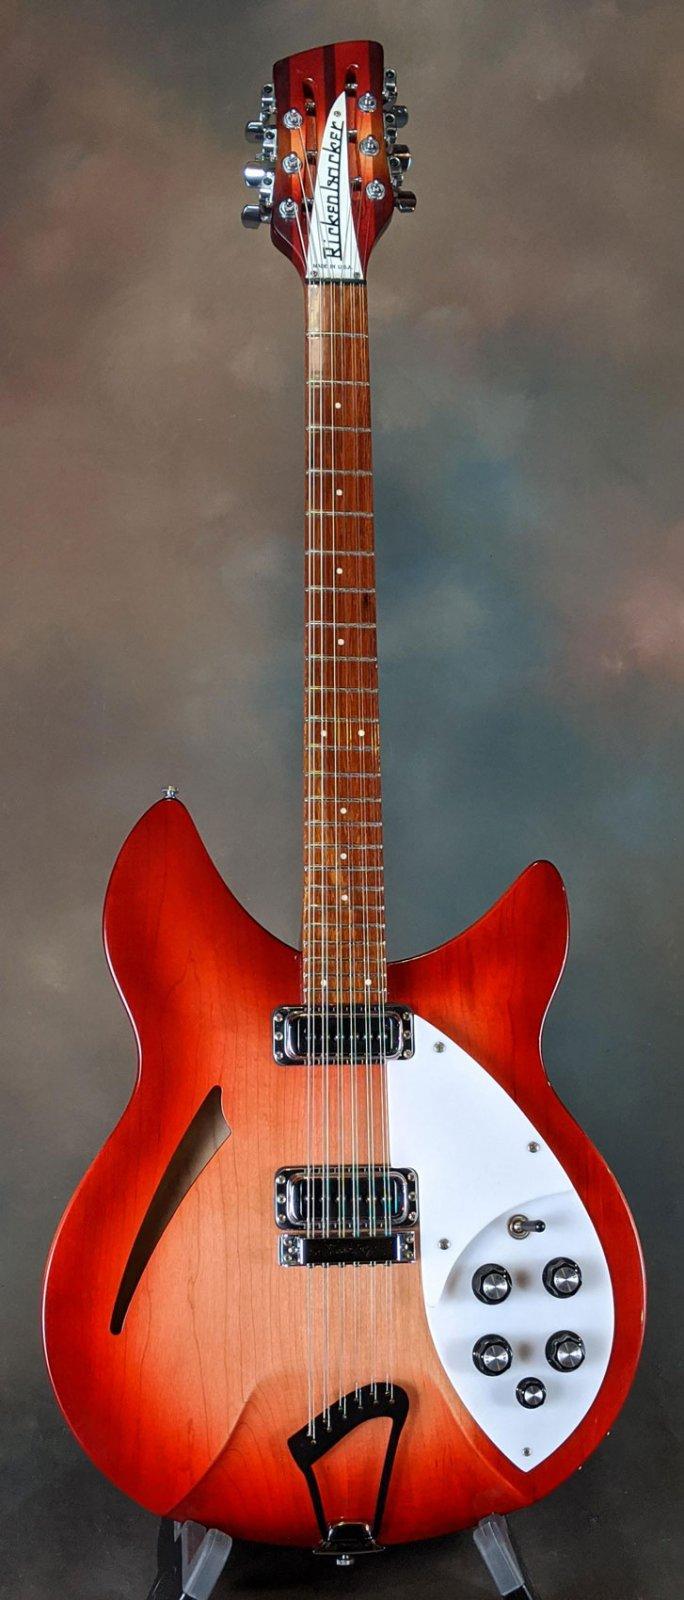 1991 Rickenbacker 330/12 12-String